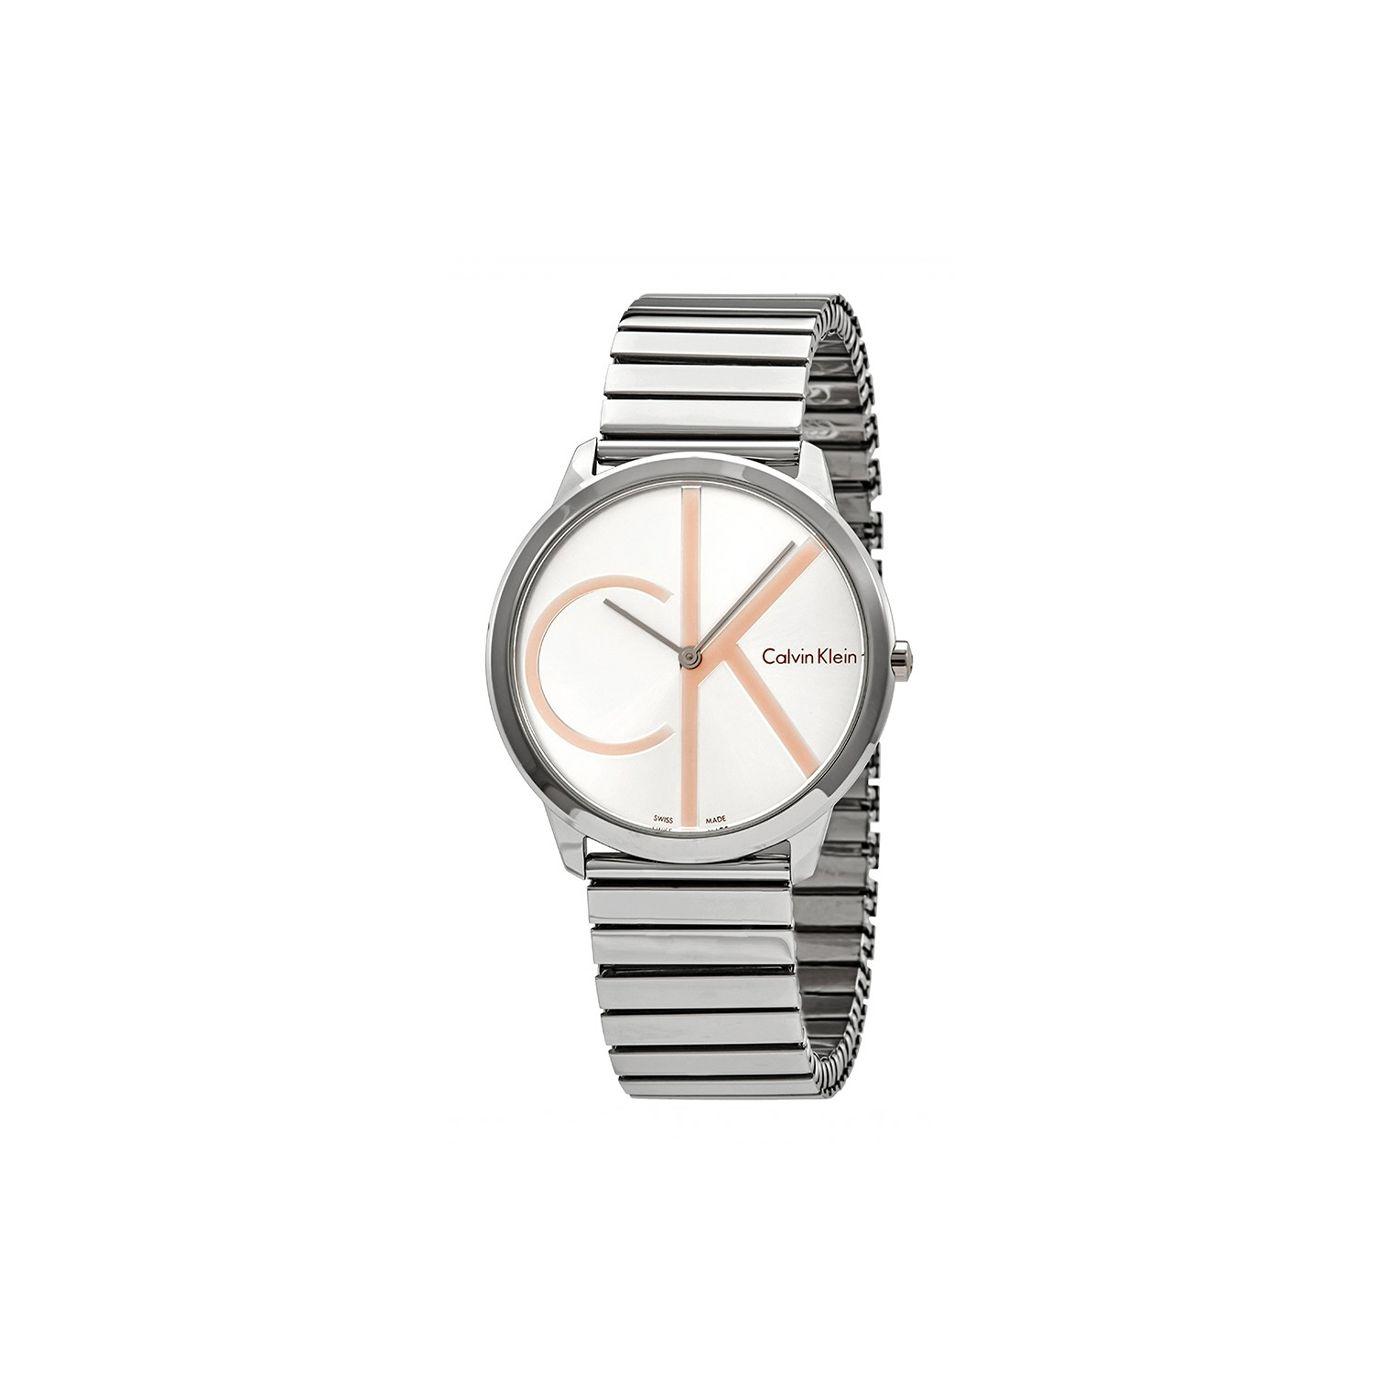 Women's watch Calvin Klein K3M21